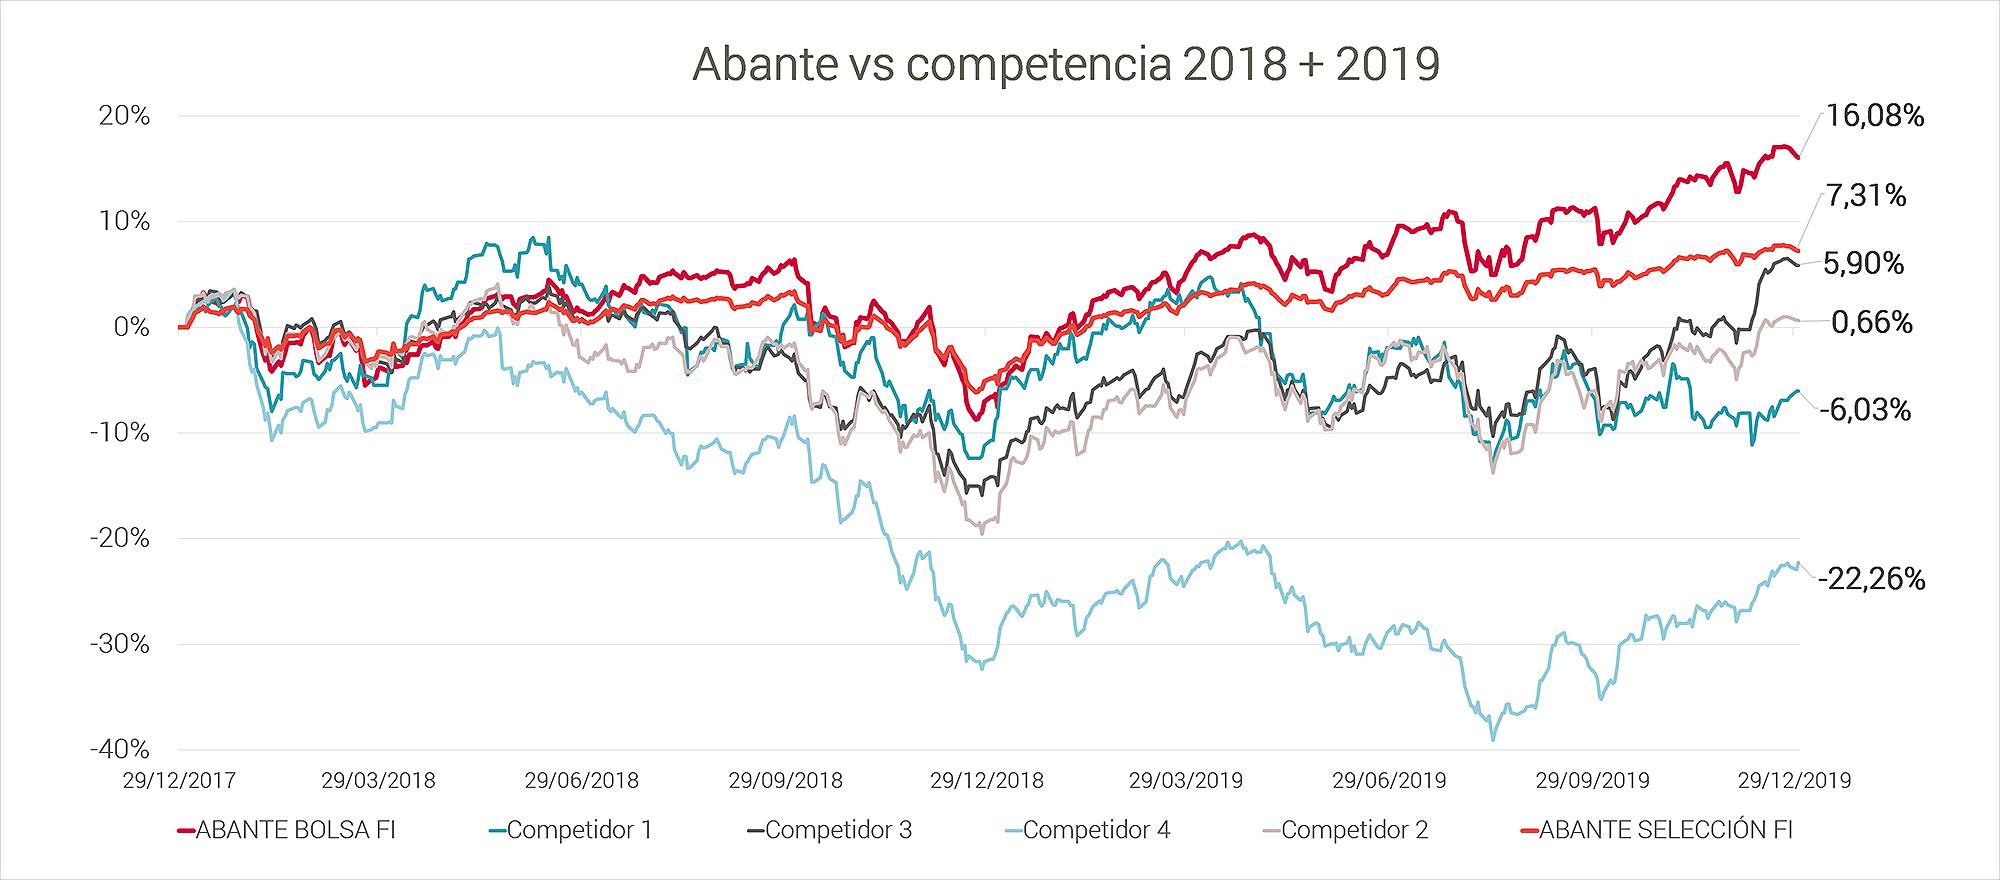 Abante gráfico rentabilidad vs competencia